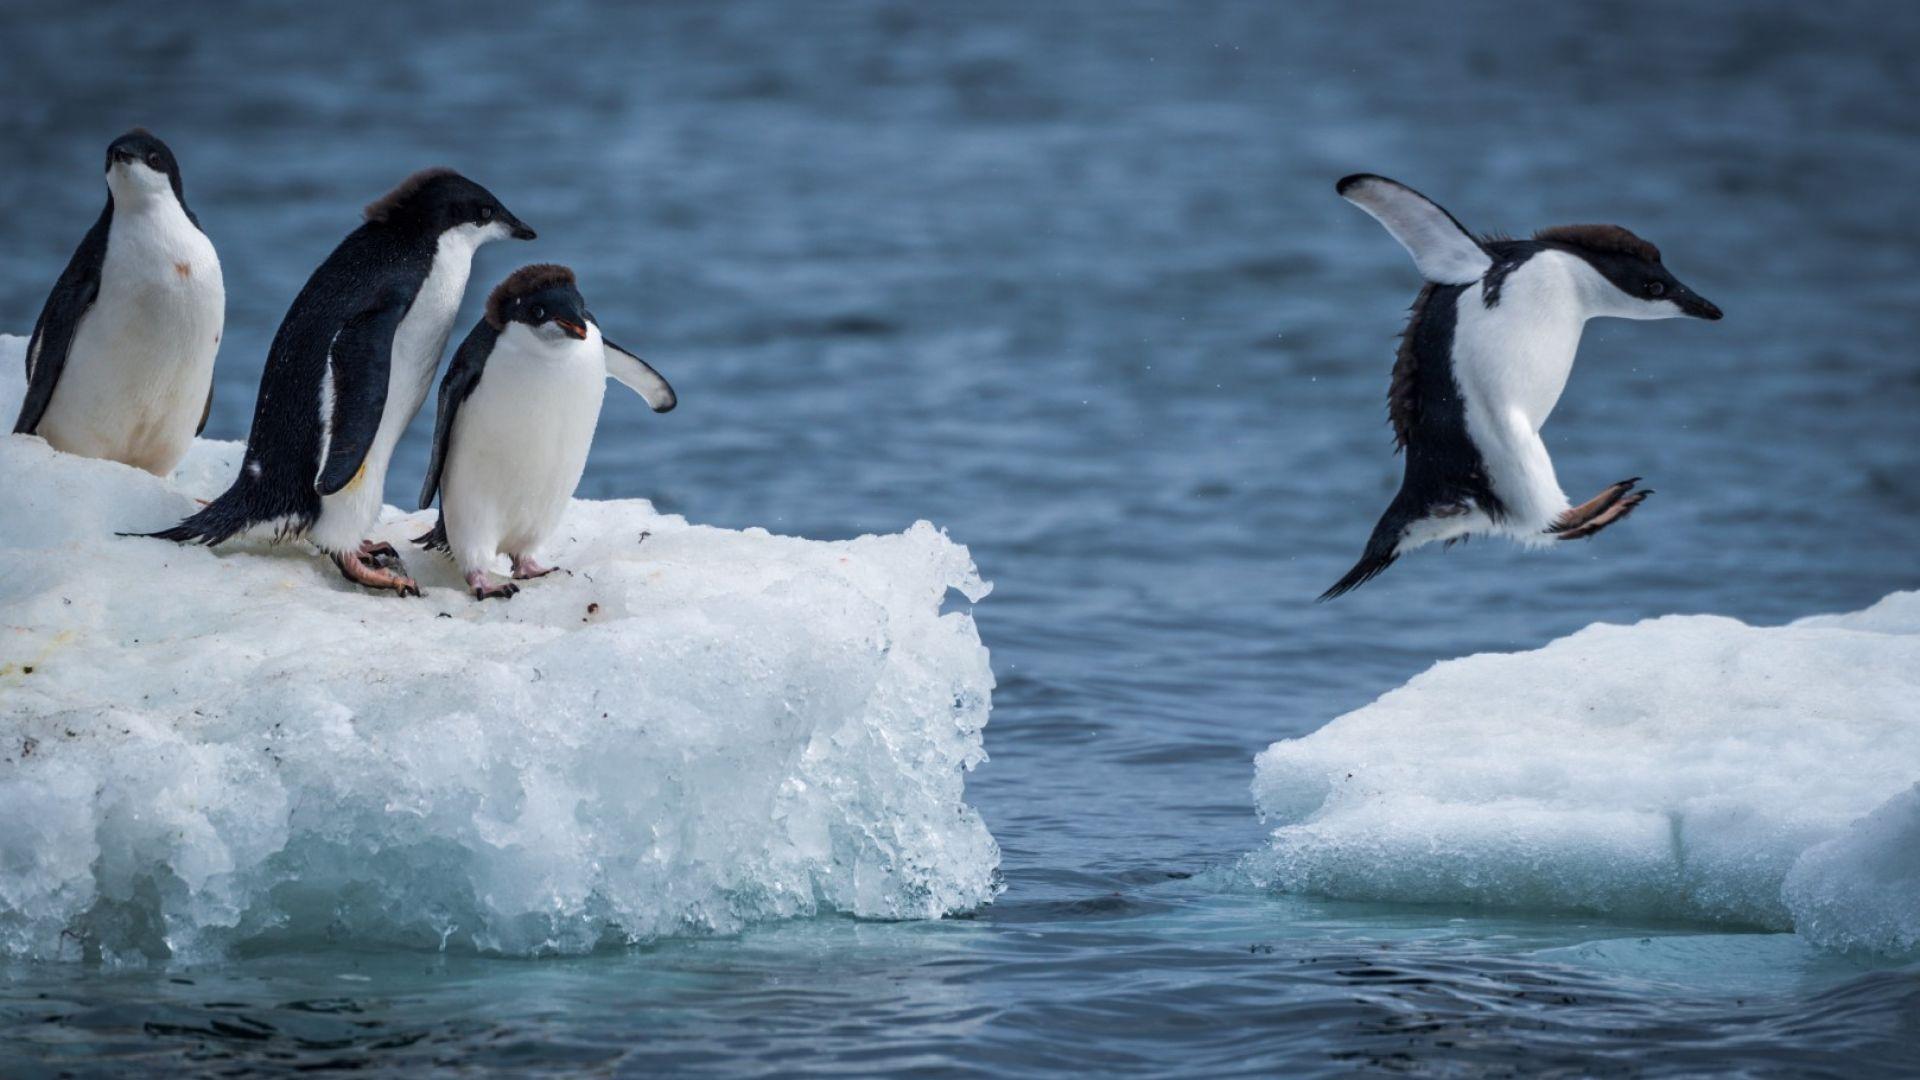 Броят на антарктическите пингвини е намалял рязко